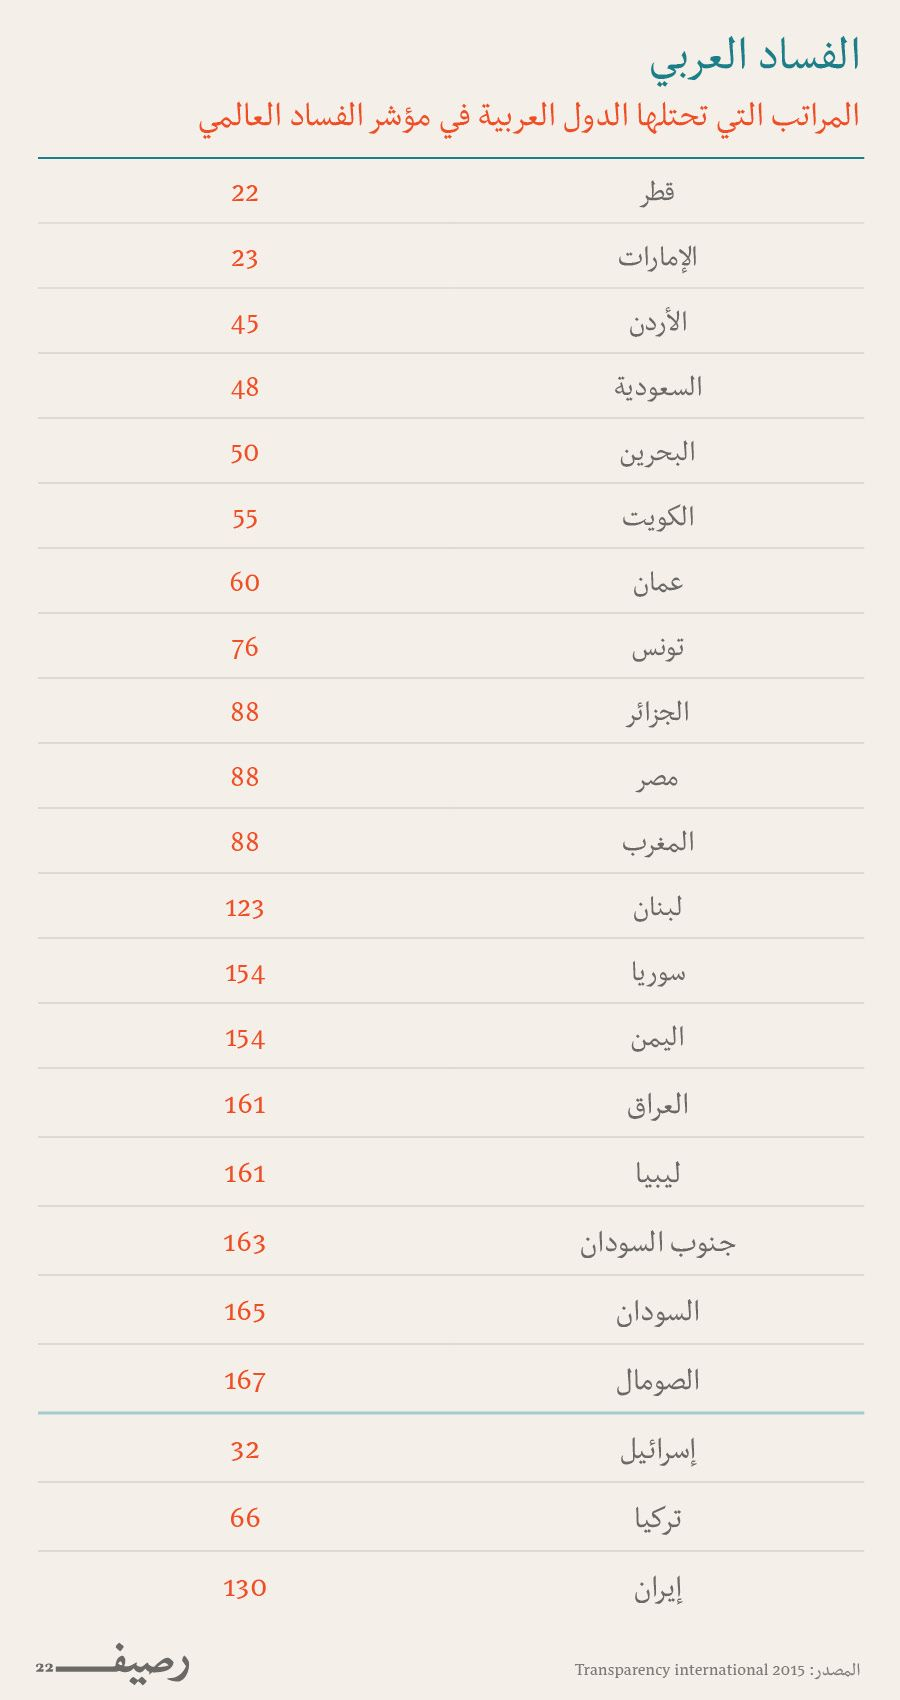 مؤشر الفساد العالمي الفساد في العالم العربي